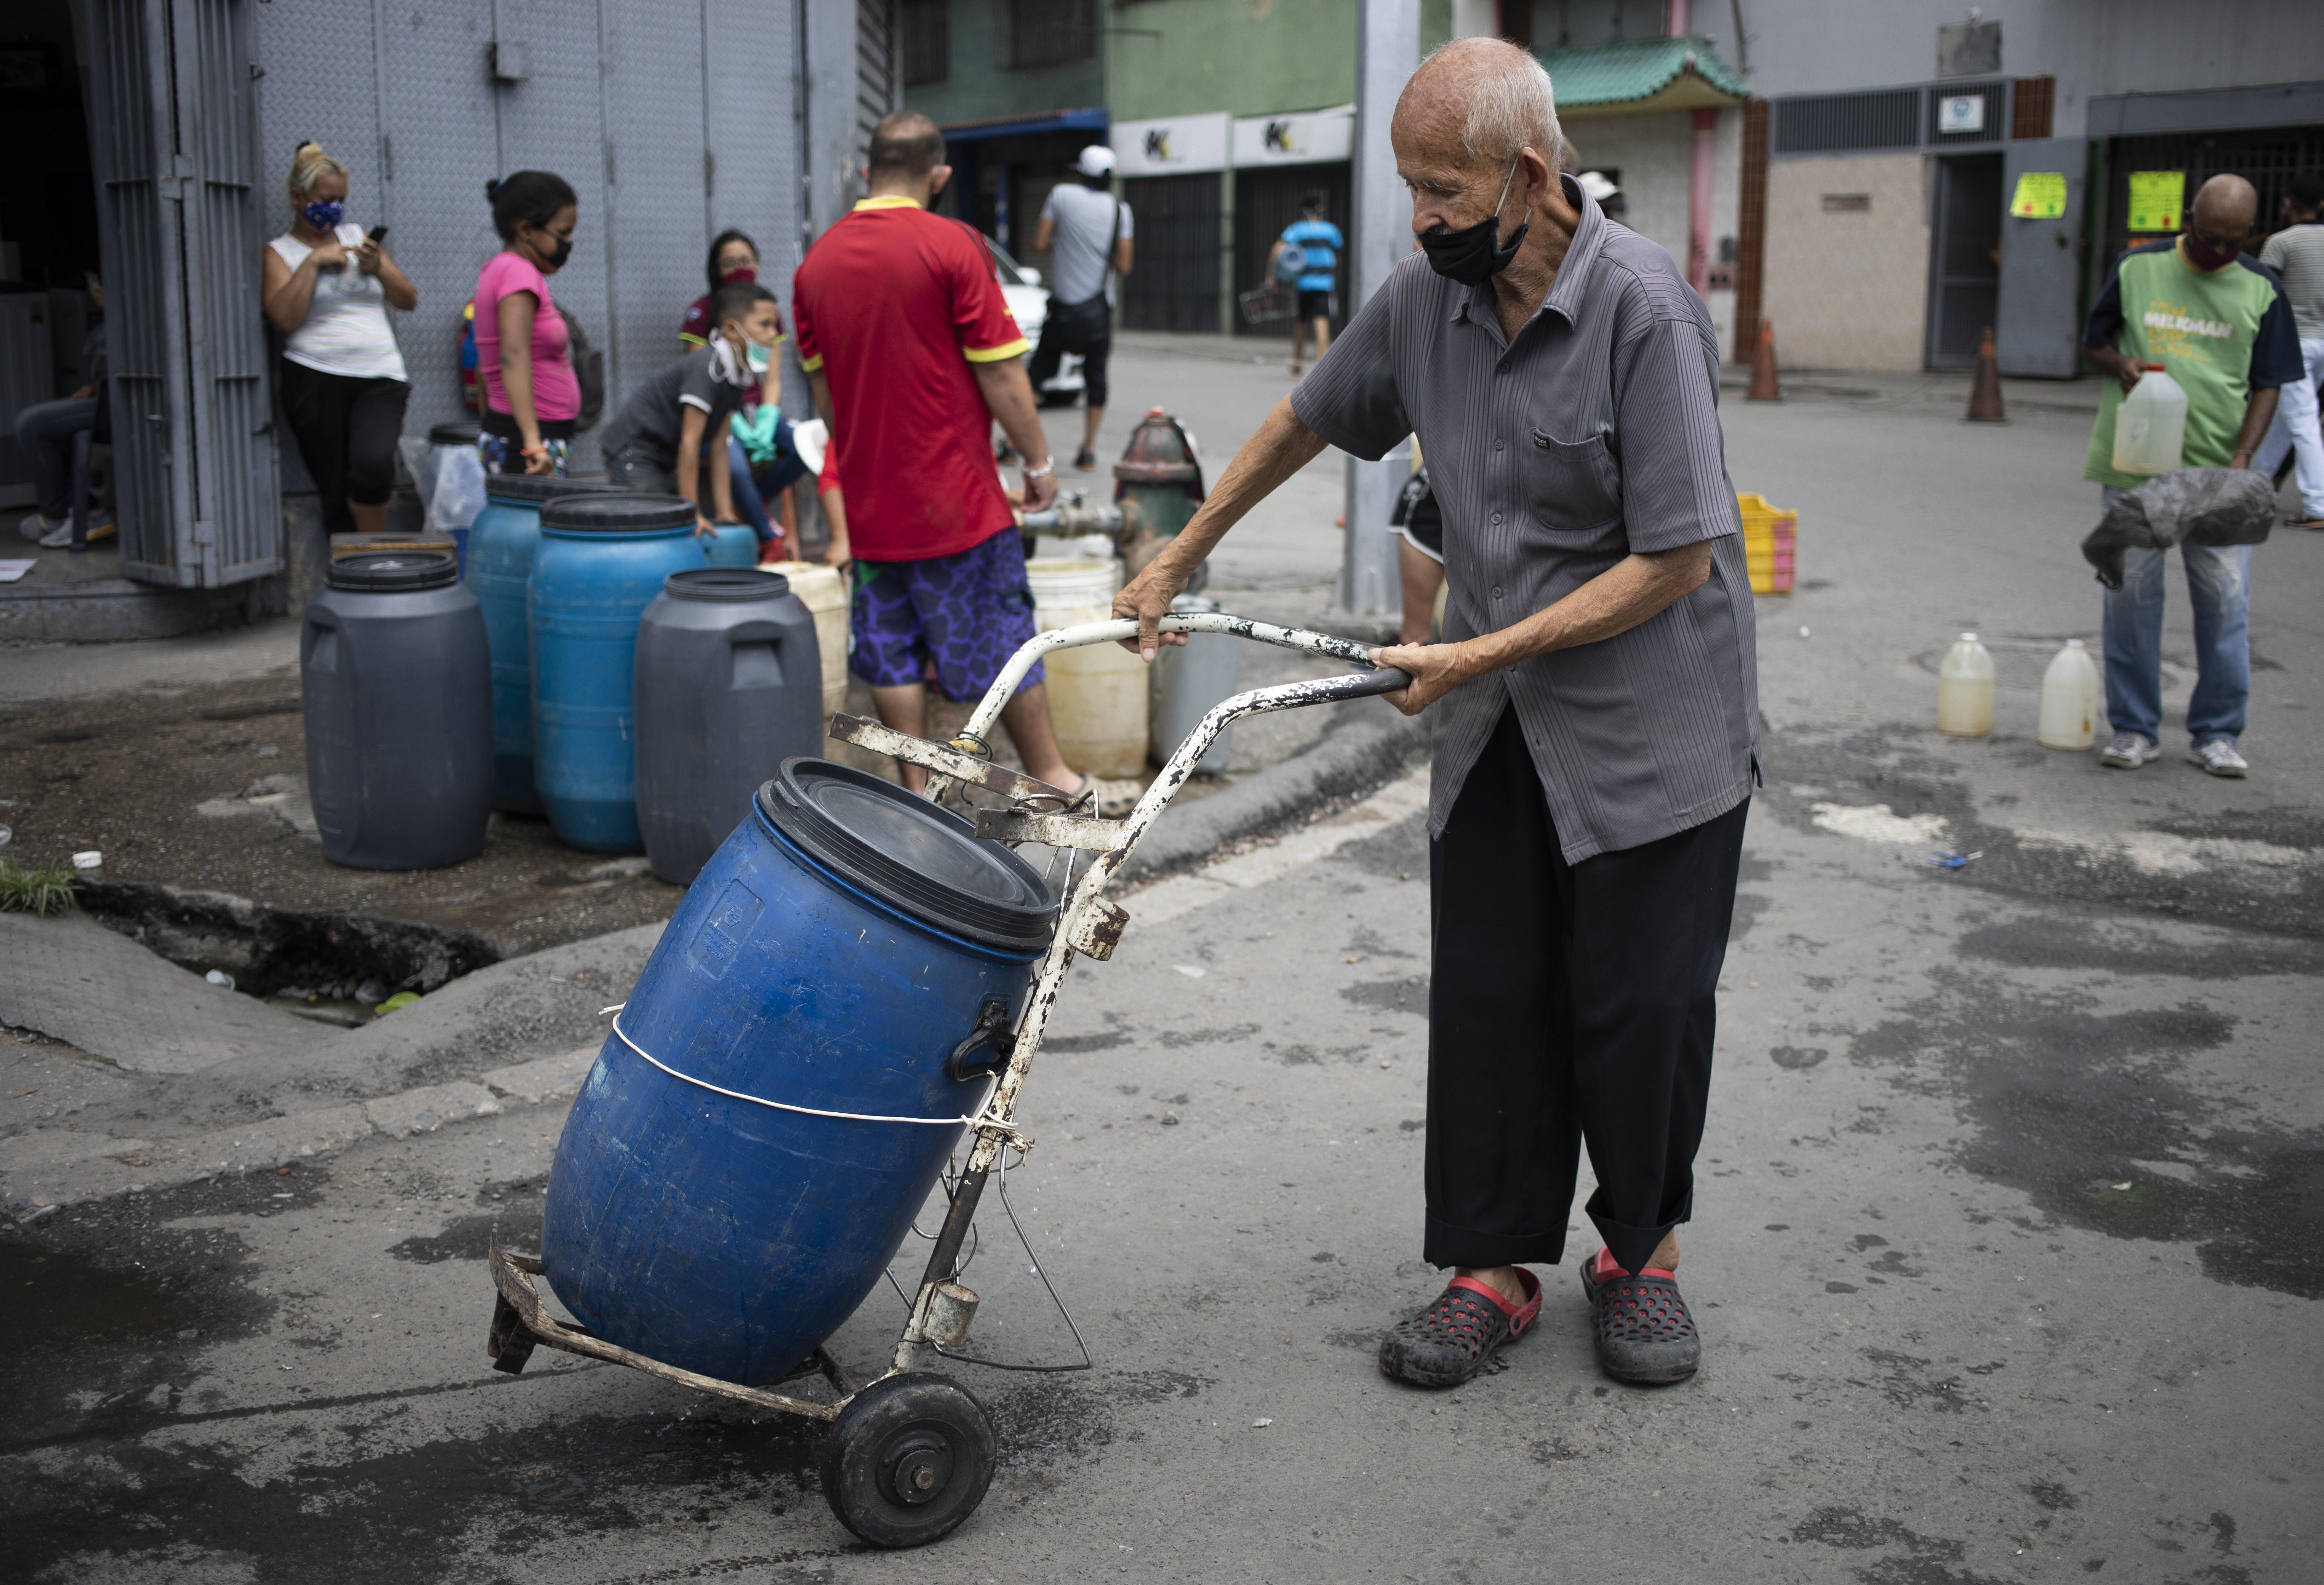 Un hombre, con mascarilla para protegerse del coronavirus, empuja un carrito con un recipiente que llenó de agua en un grifo callejero, en Caracas, Venezuela, el 20 de junio de 2020. El suministro de agua en Venezuela es tan precario que en vecindarios pobres empiezan a gestionar canalizaciones privadas o a excavar pozos poco profundos. (AP Foto/Ariana Cubillos)